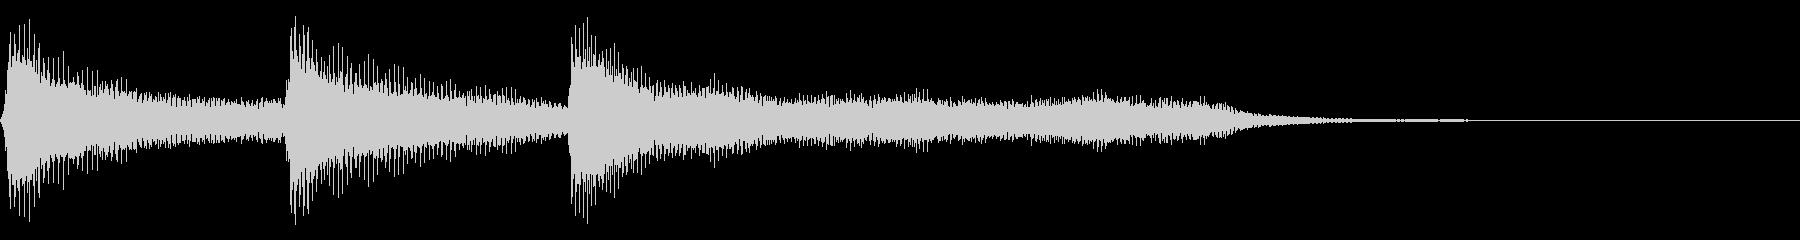 レトロなゲームクリア系の音 上昇音の未再生の波形